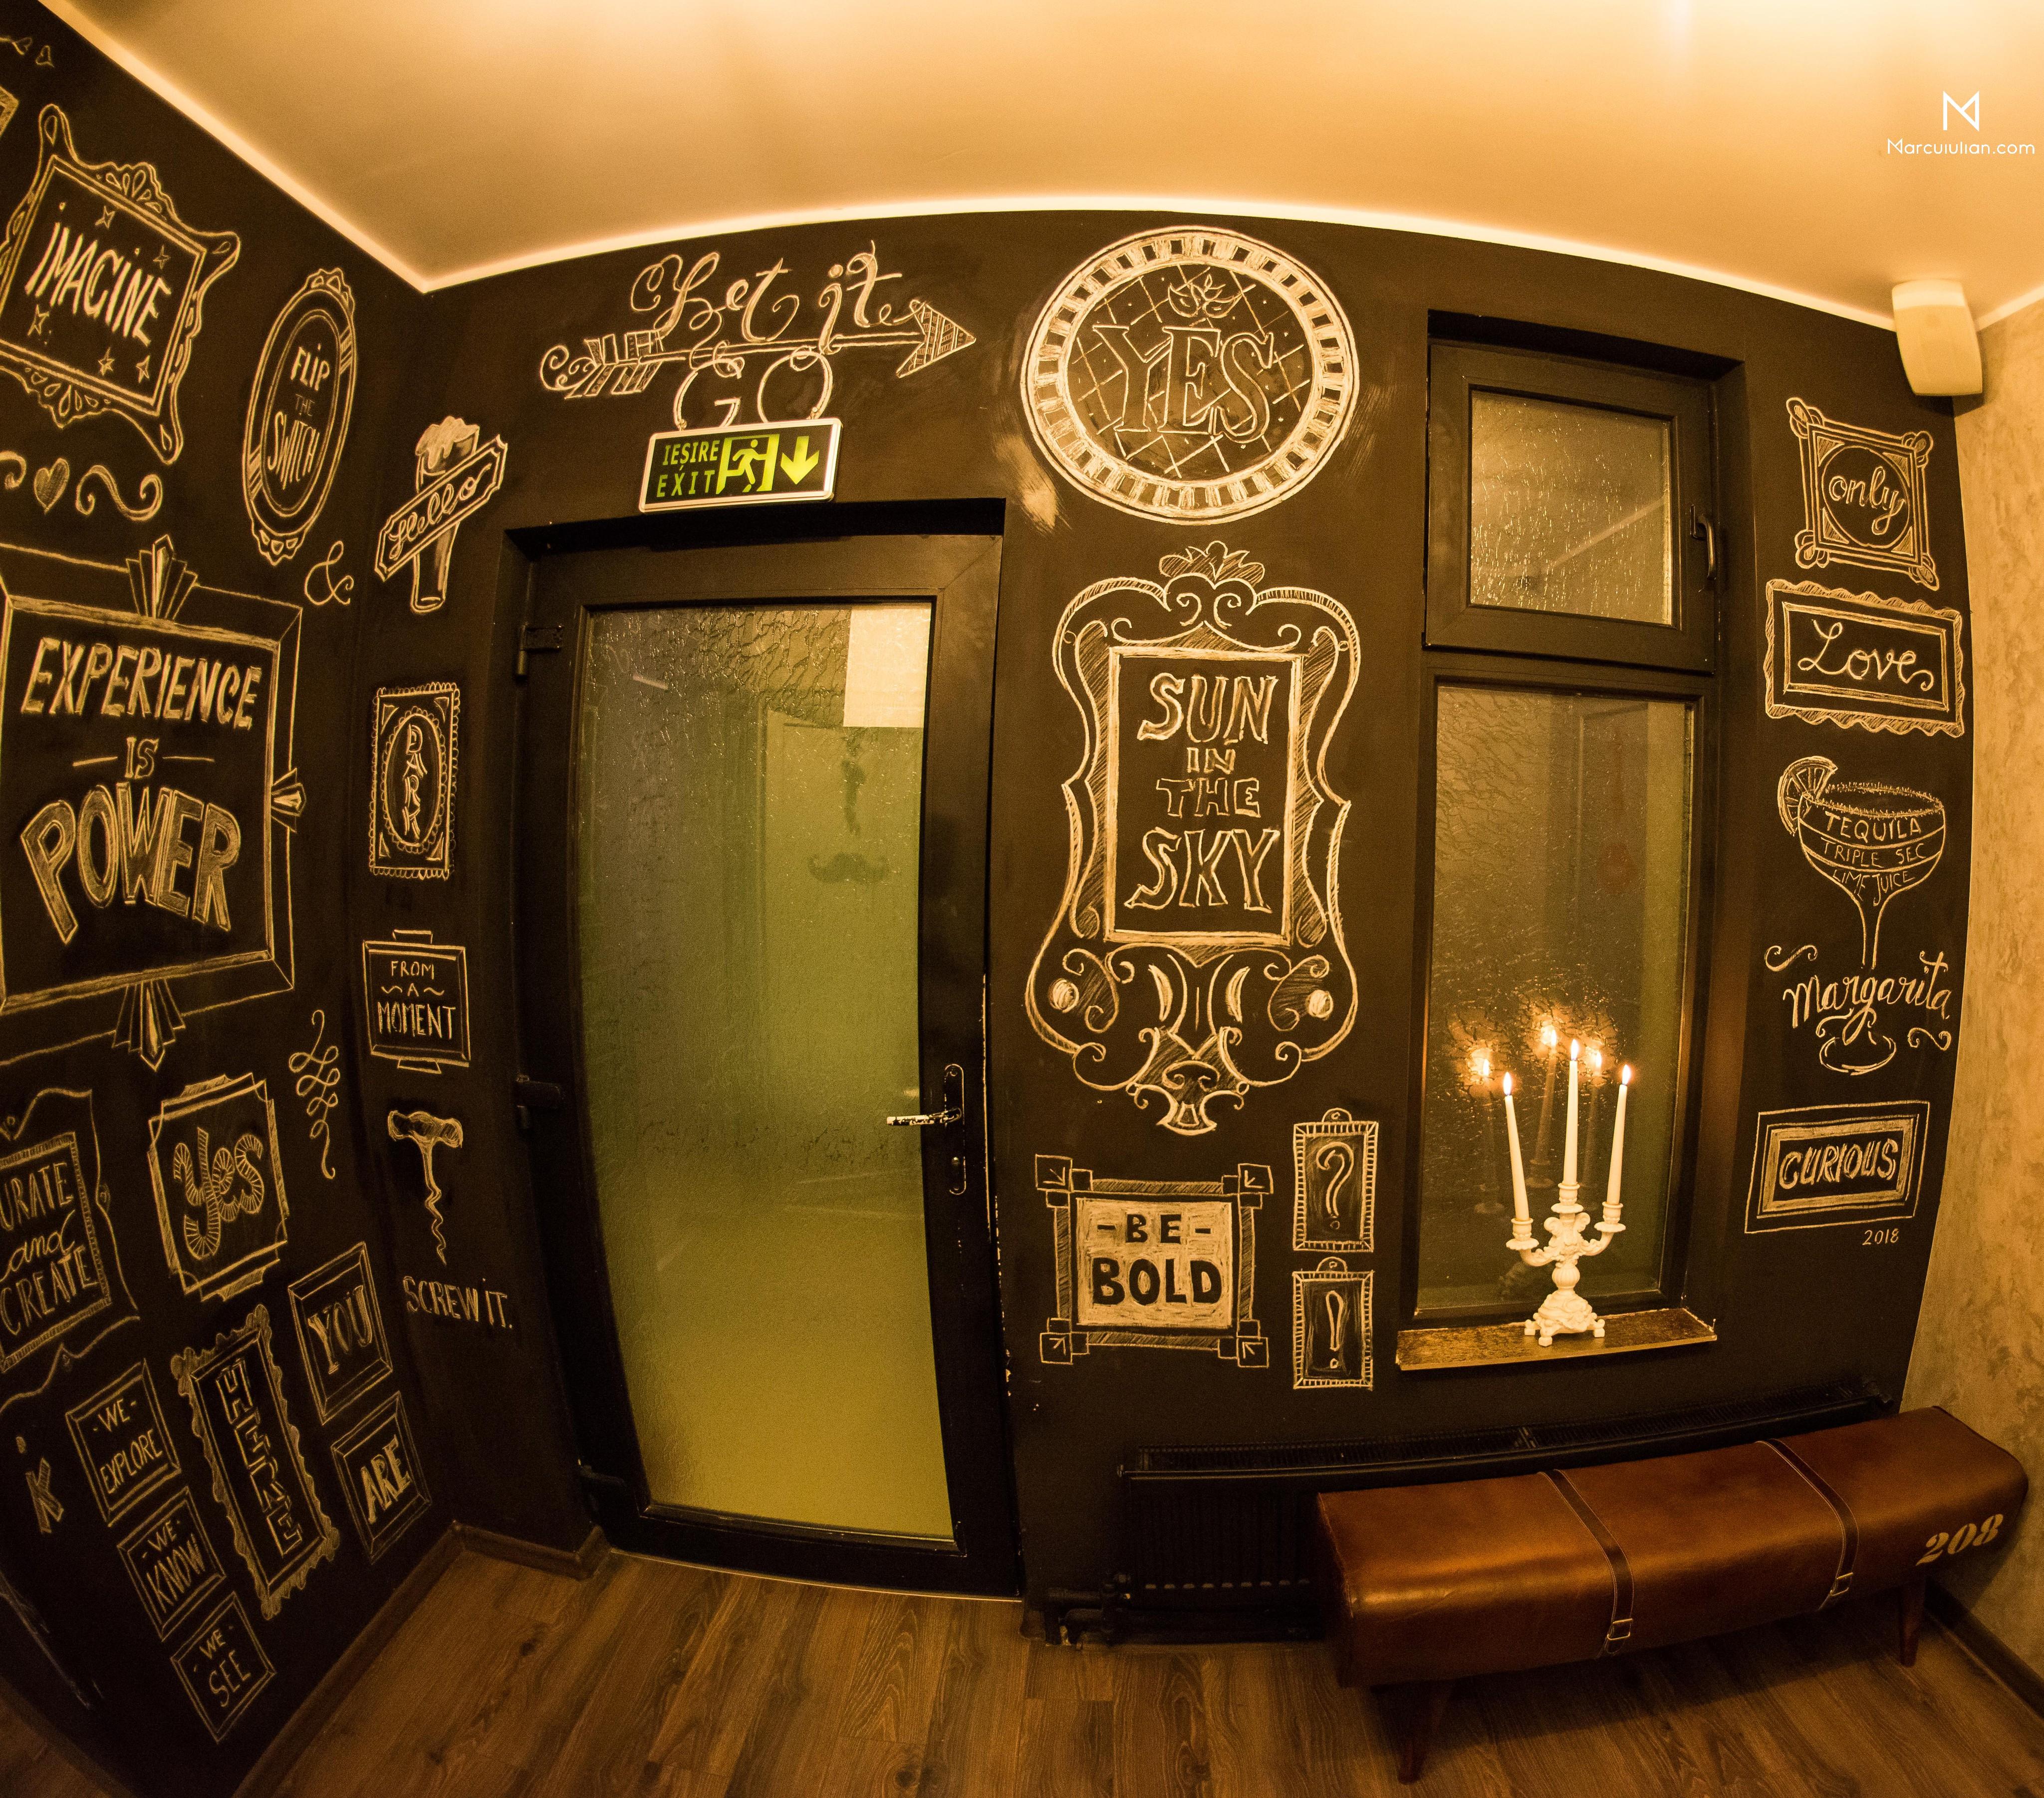 interioare, interior, pub, restauran